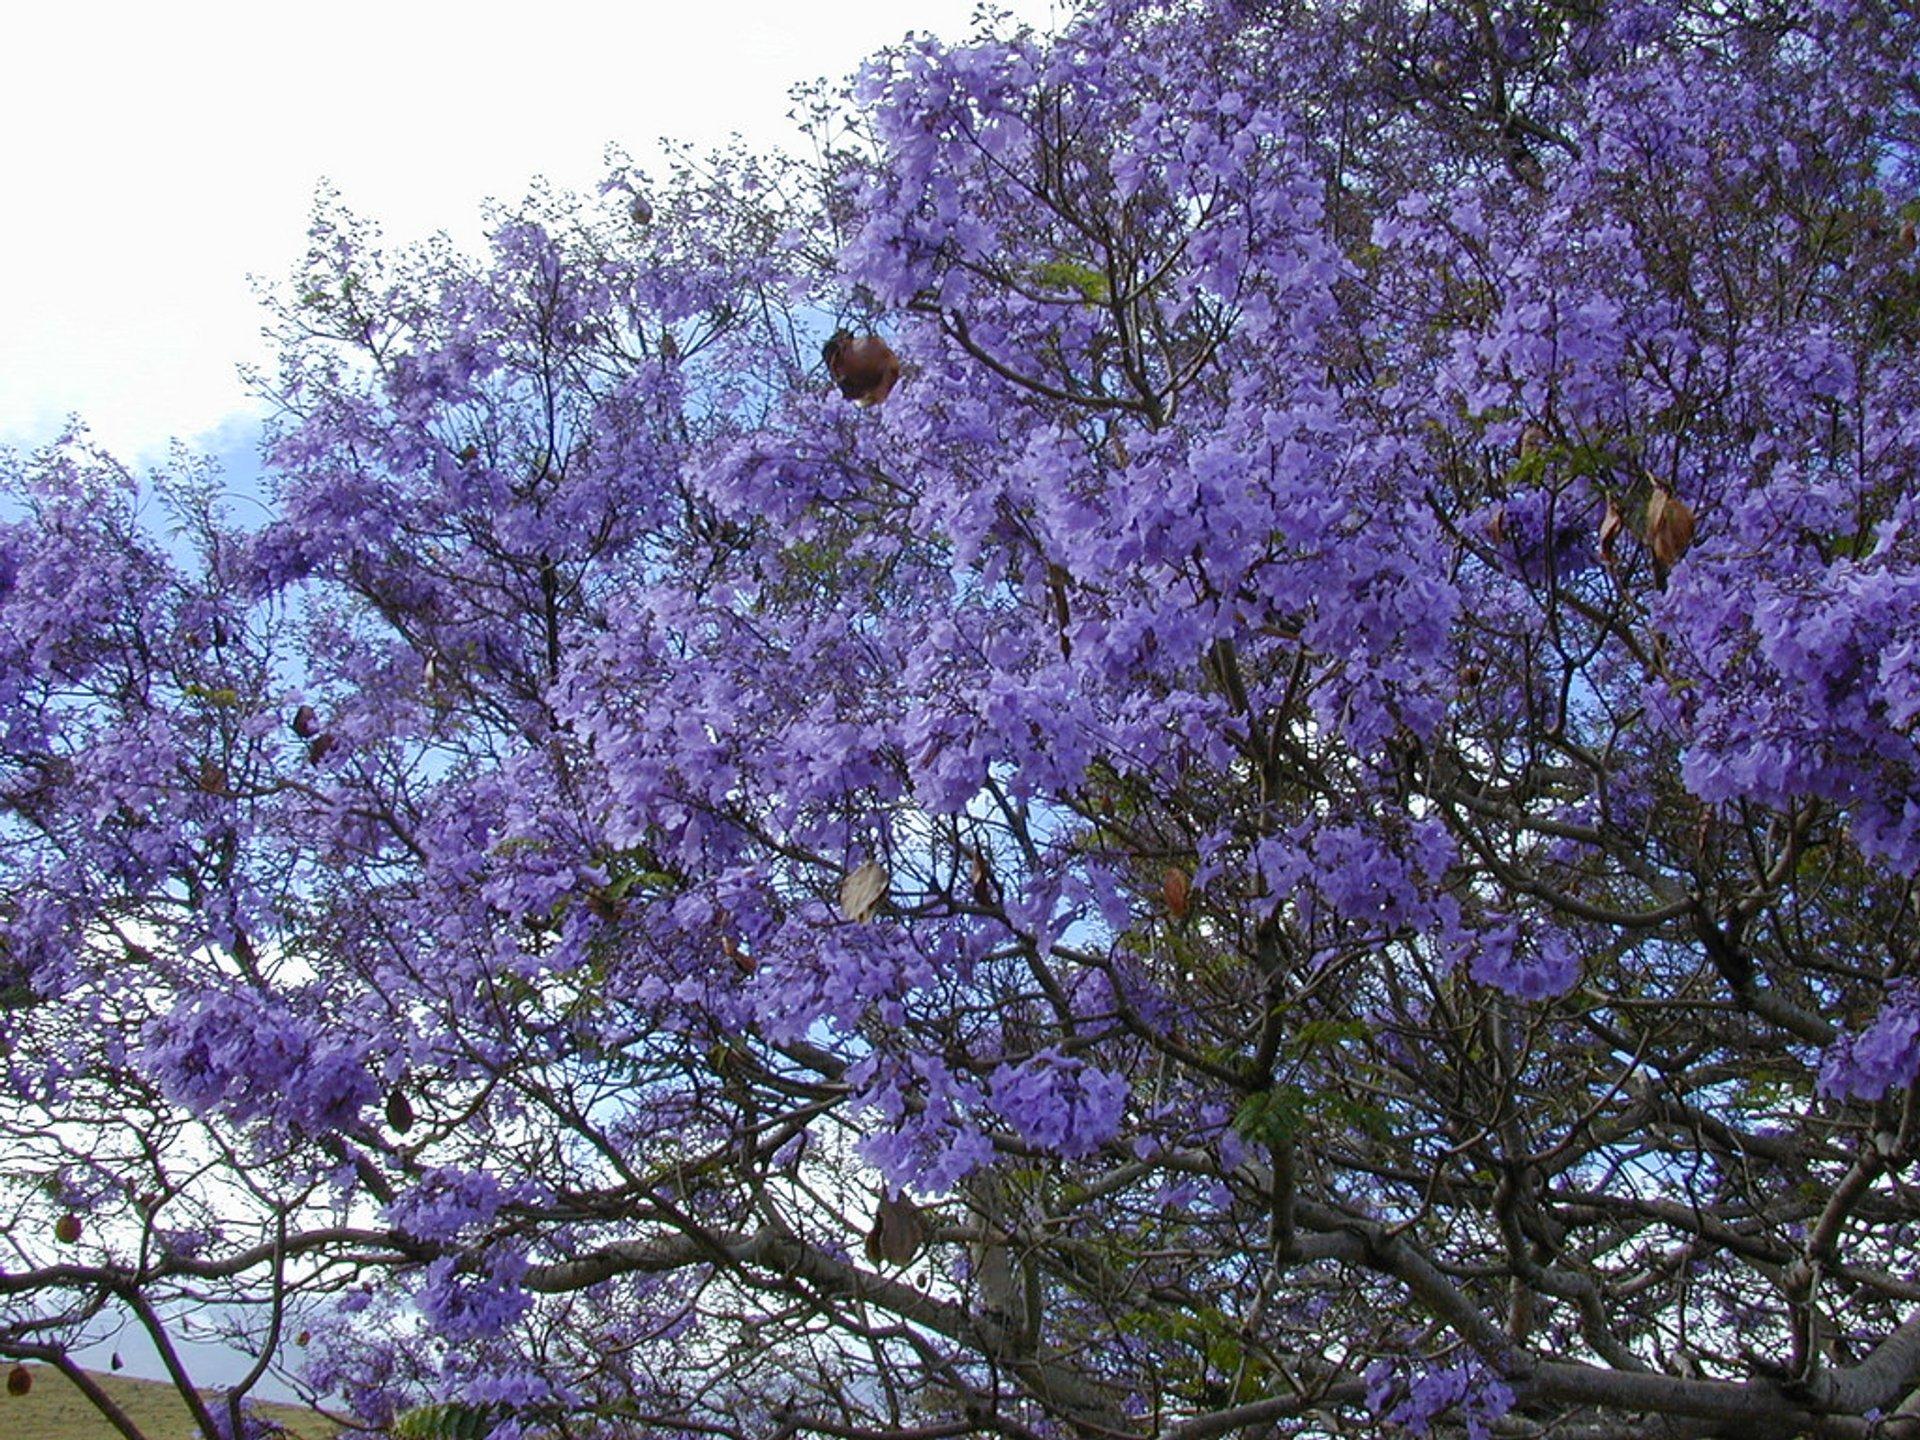 Jacaranda Tree Blooming in Hawaii 2019 - Best Time